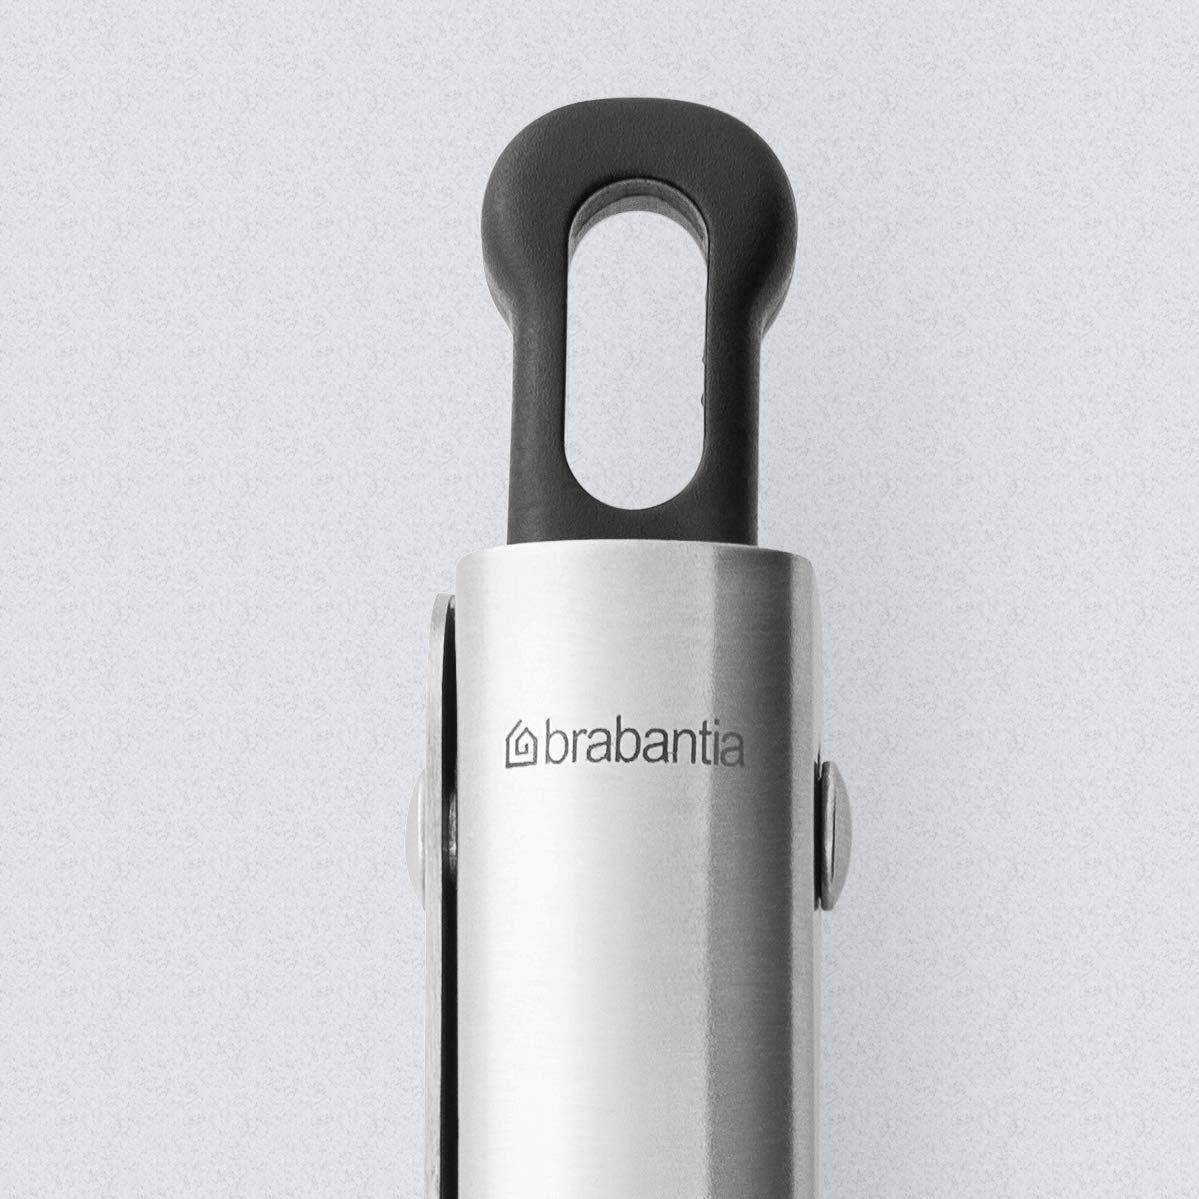 Compra Brabantia 385469 - Pinzas para Cocina, Acero y Silicona, Color Gris y Negro en Amazon.es